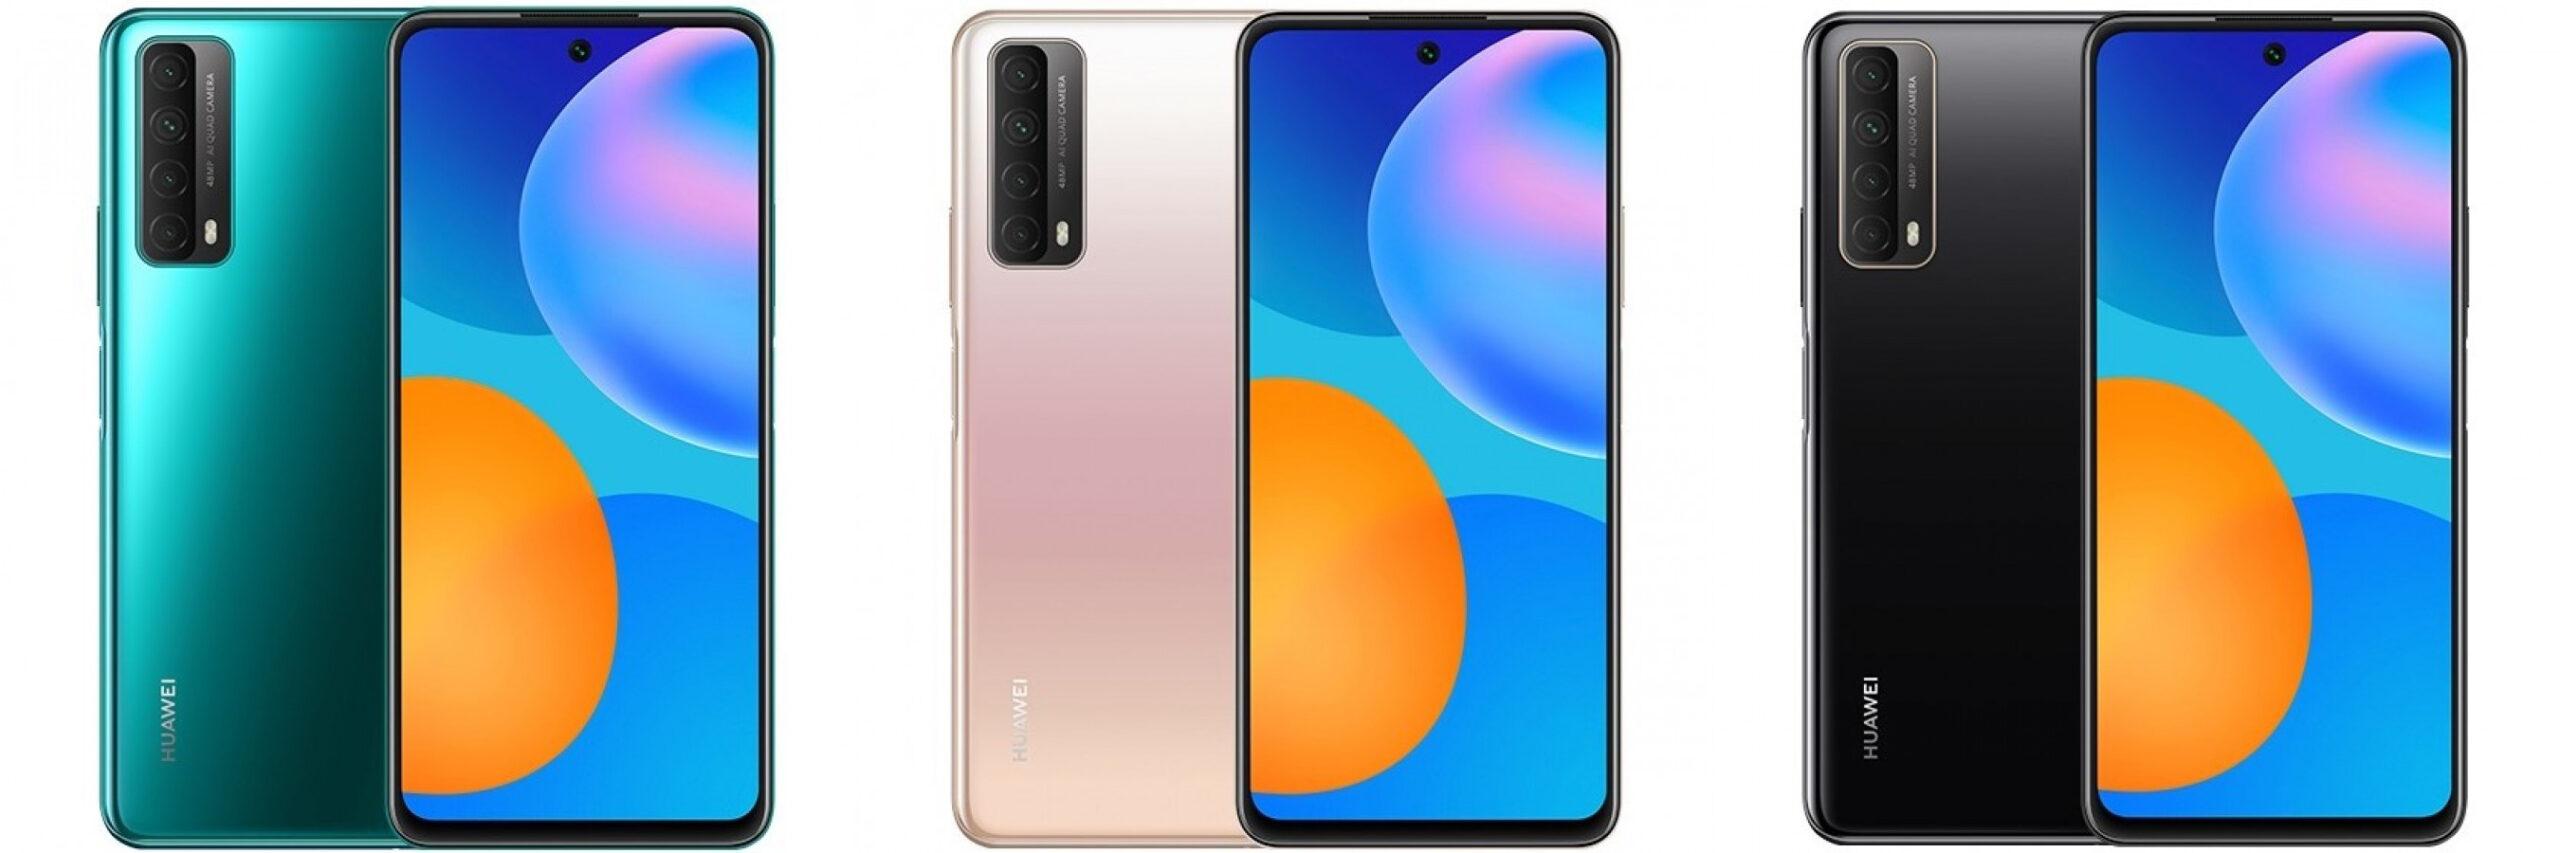 Huawei Y7a  color